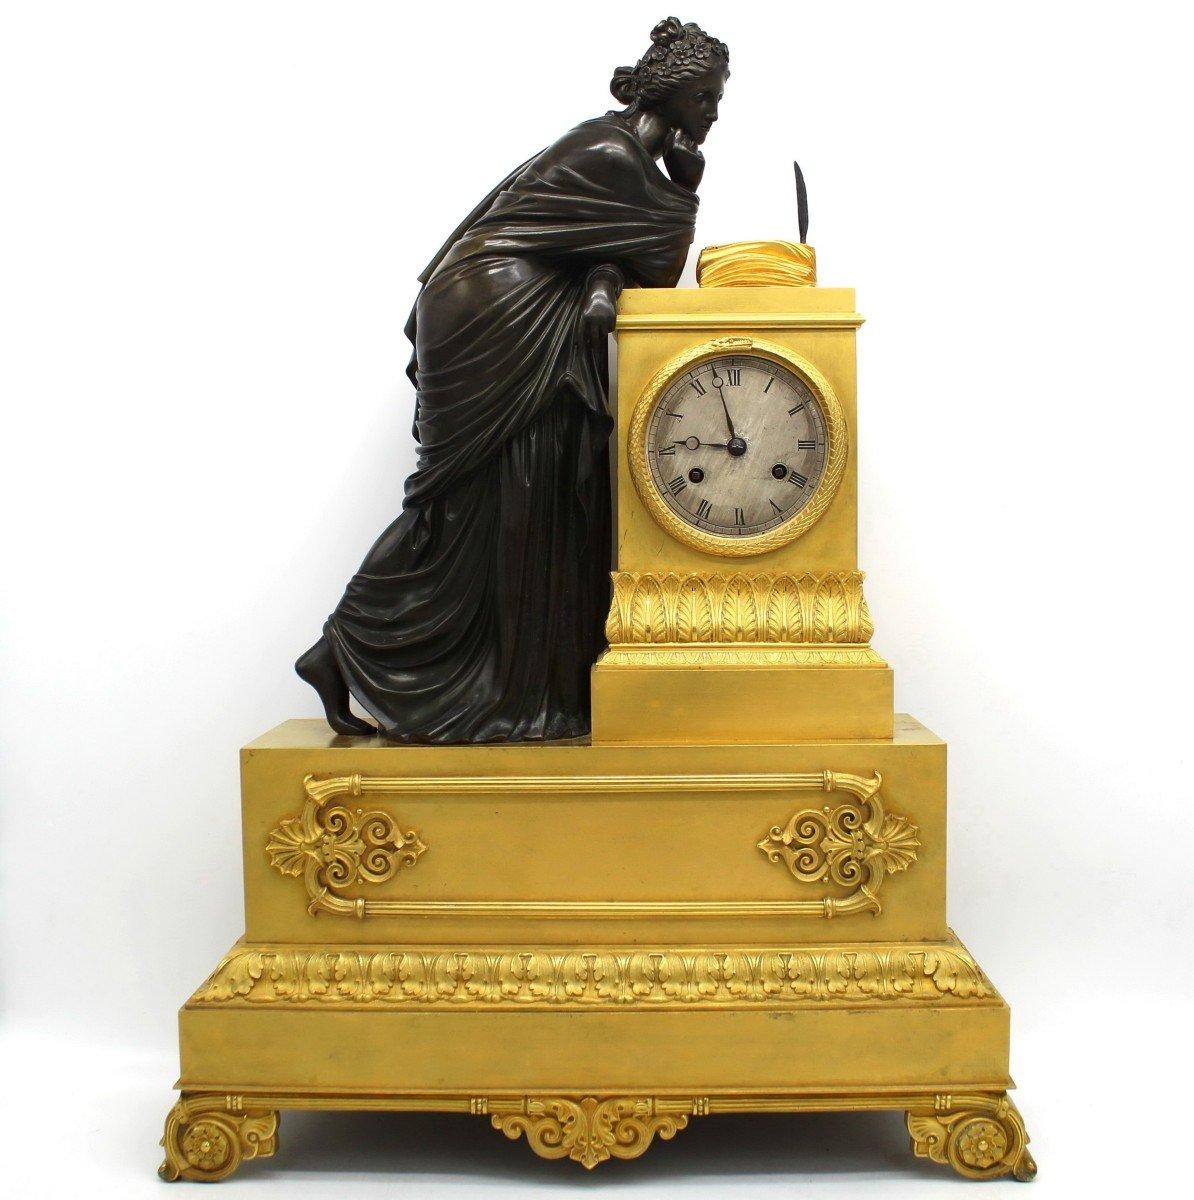 Ancien Horloge Pendule d'époque Empire en bronze dorè (H.61) - 19ème